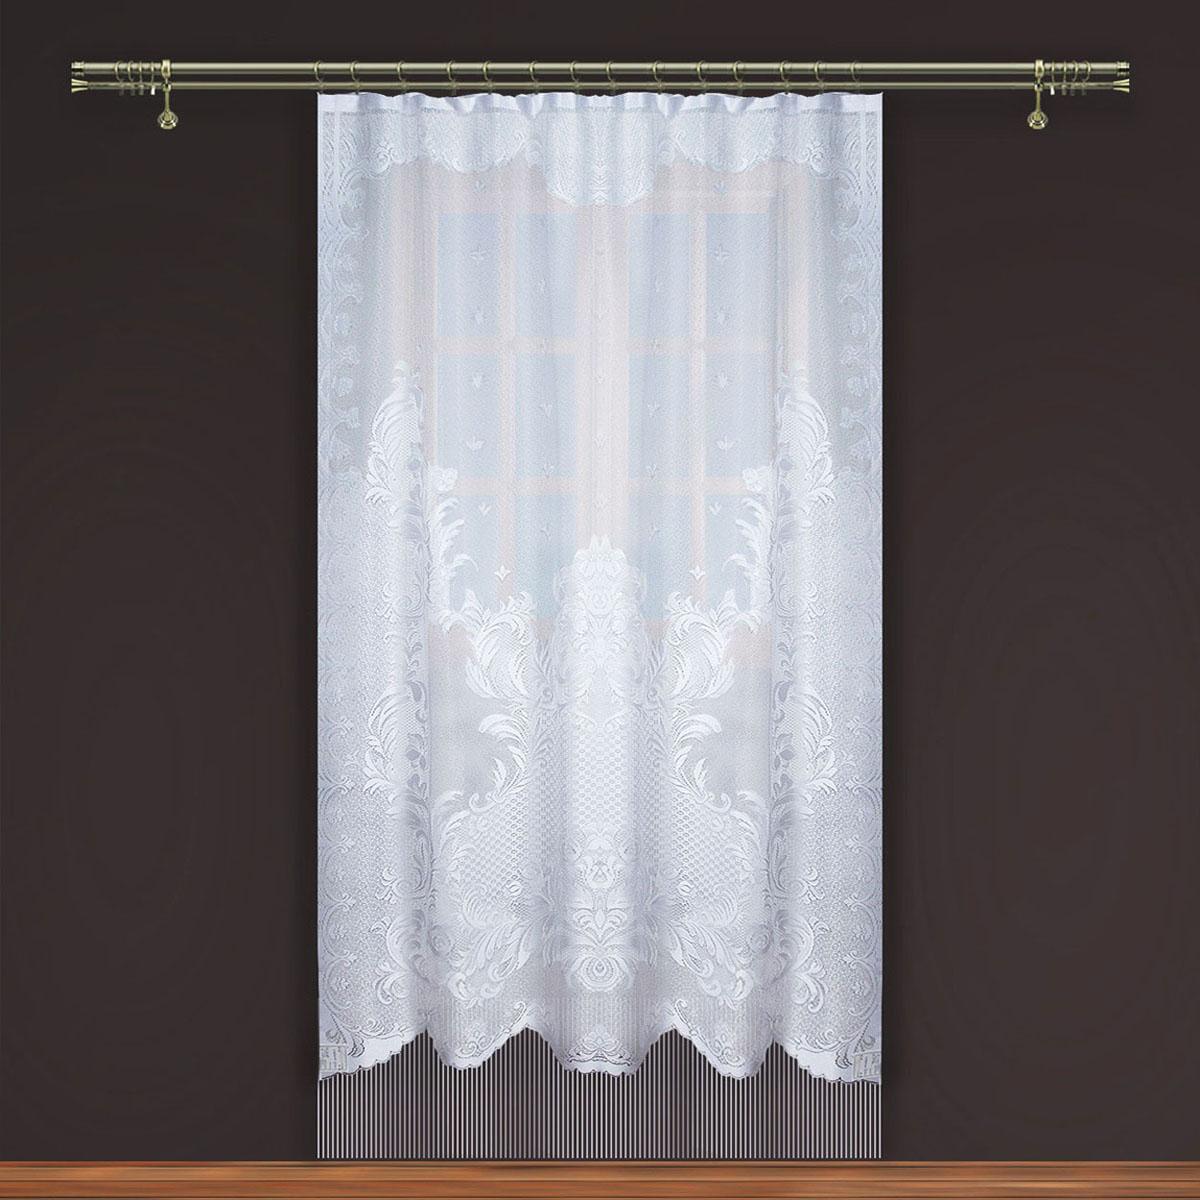 Гардина Zlata Korunka, на зажимах, цвет: белый, высота 250 см. 8886677626Гардина Zlata Korunka, изготовленная из высококачественного полиэстера, станет великолепным украшением любого окна. Изящный узор и тюле-кружевная текстура полотна привлекут к себе внимание и органично впишутся в интерьер комнаты. Оригинальное оформление гардины внесет разнообразие и подарит заряд положительного настроения.Крепится на зажимах для штор.